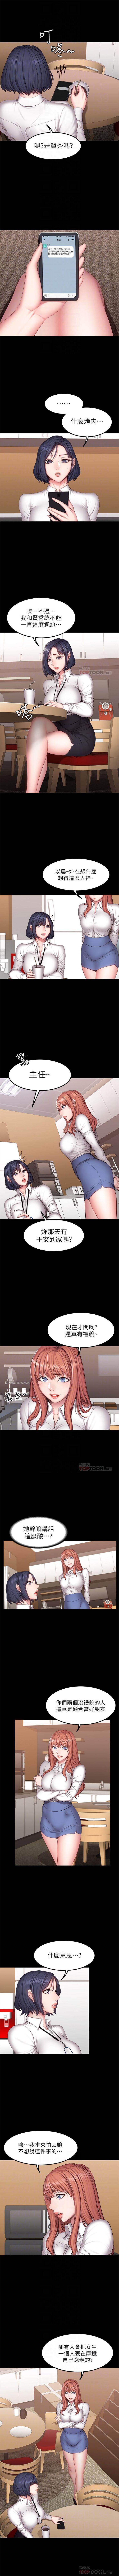 (週3)健身教練 1-37 中文翻譯 (更新中) 185